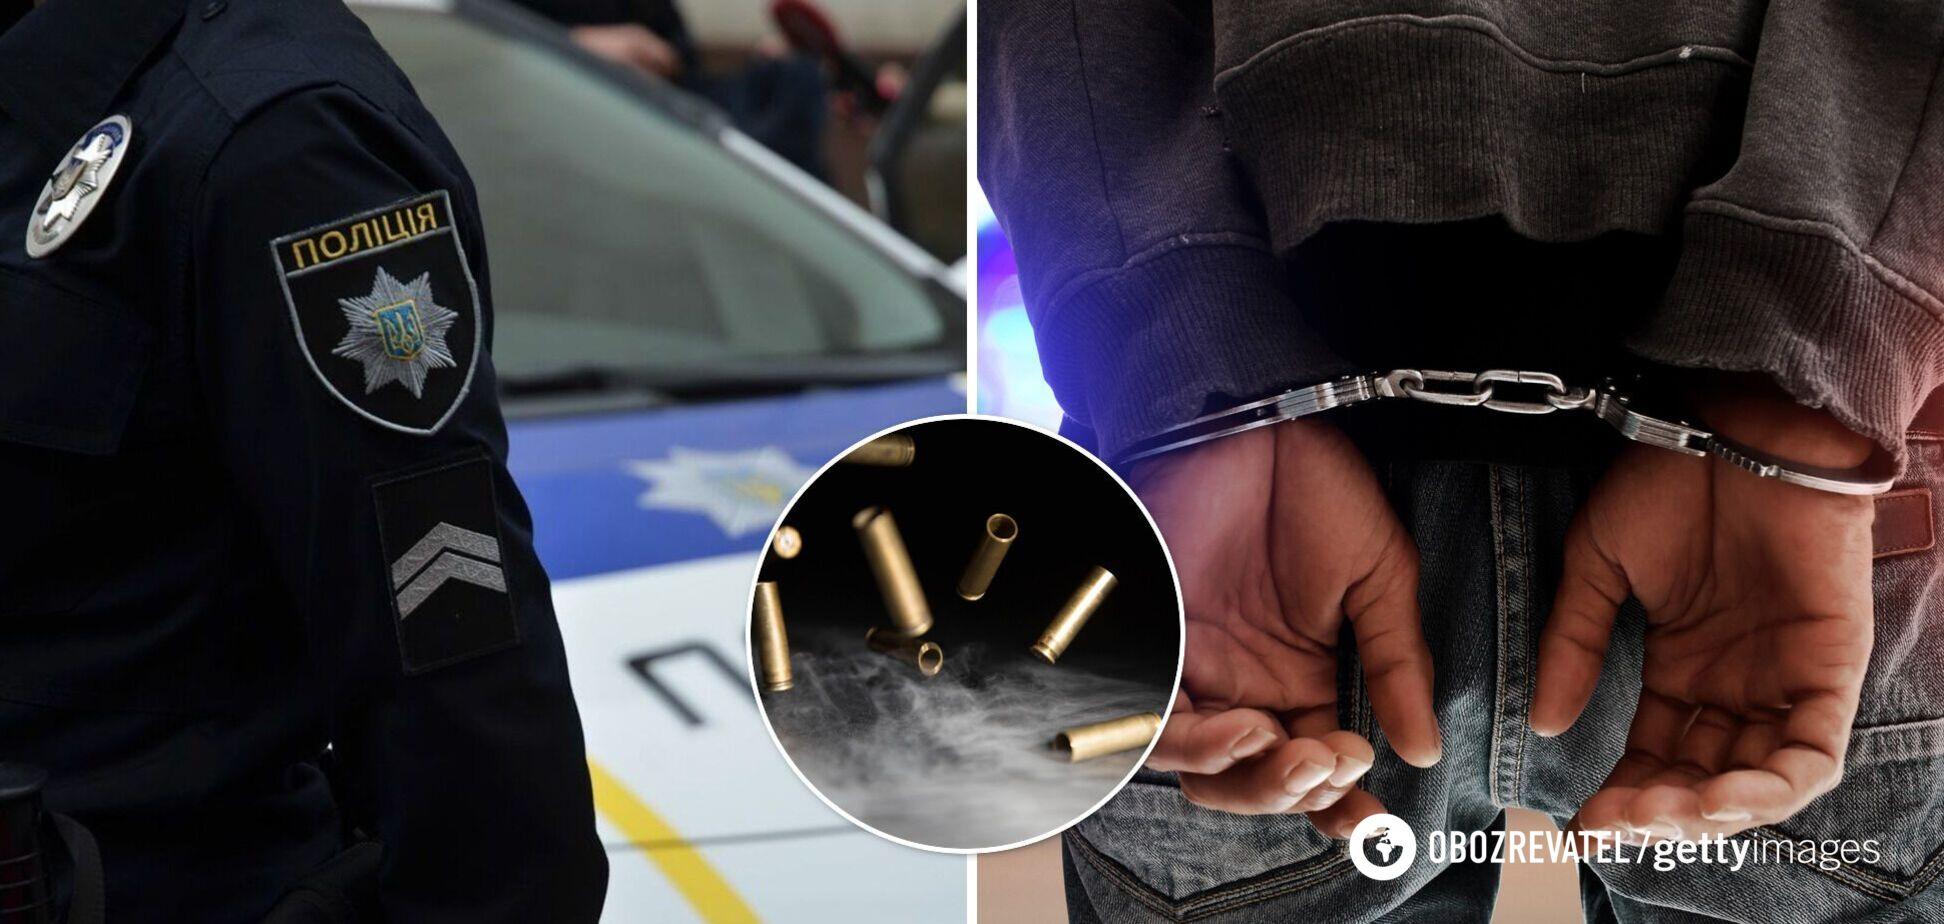 Под Харьковом нашли оружие, фигурировавшее в громком убийстве ювелира